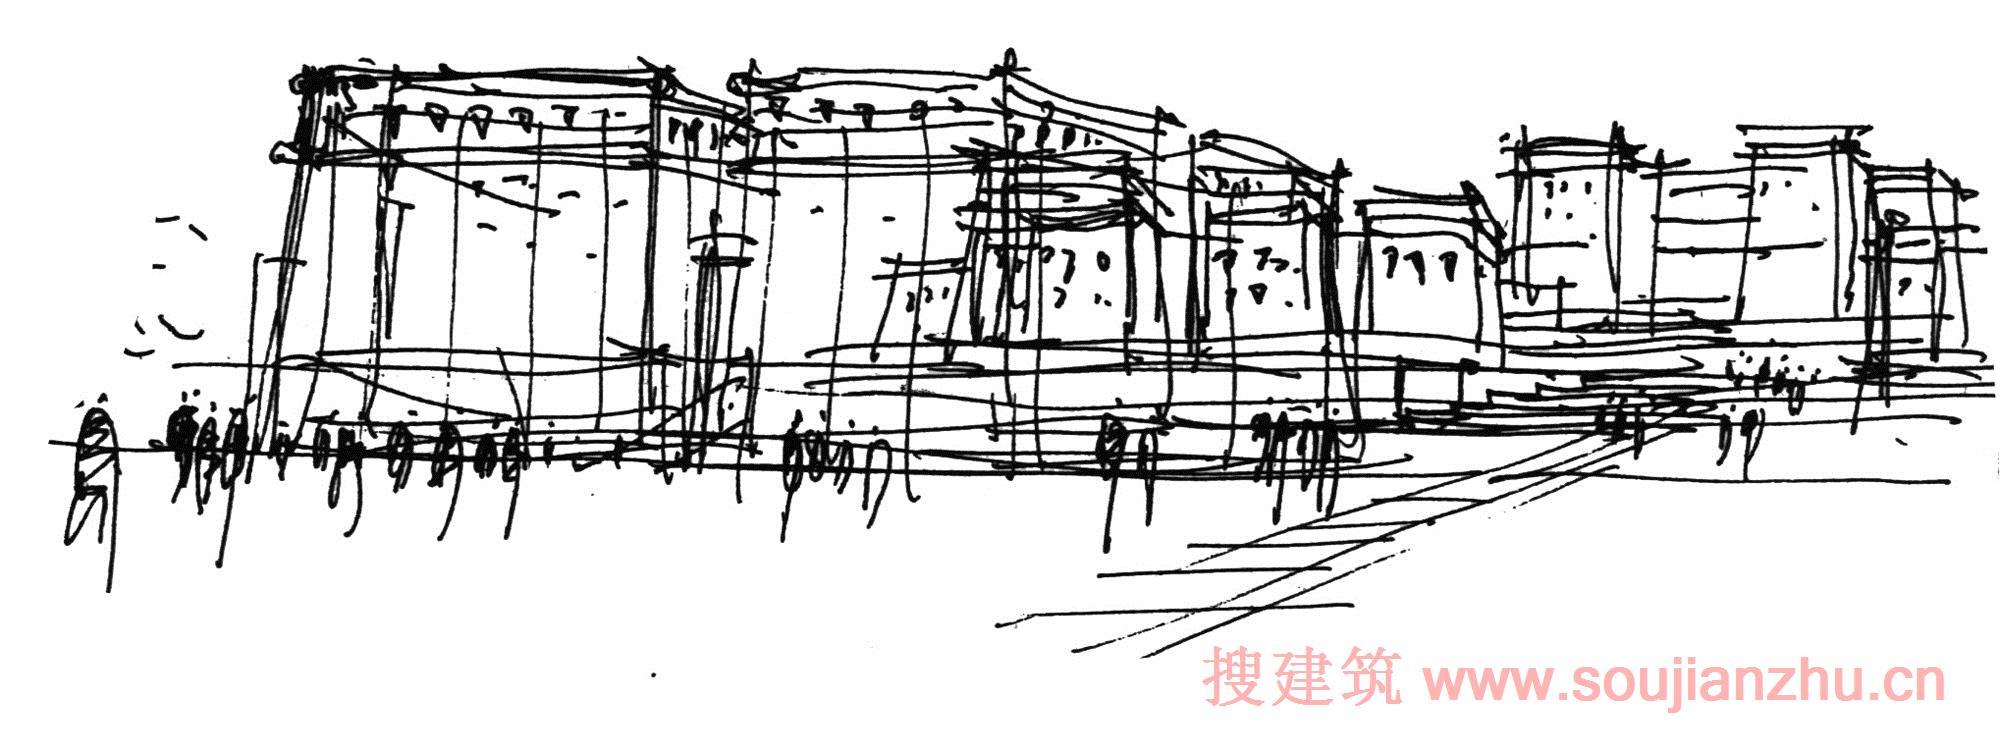 建筑师:THAD - 清华大学建筑设计研究所 地点:中国 青海 面积:72000平方米 年份:2014  青海玉树位于青藏高原的内地,平均海拔为4200多米。嘎多觉悟是藏区四大神山之一,也是四大神山中最为神秘原始的一座神山。玉树之所以一直被称为三河源头,因为它是长江、黄河和澜沧江的发源地。在玉树97%的人口是藏族的,拥有丰富的民族特色。  玉树藏族自治州的行政中心位于中国青海省,是2010年4月14日玉树大地震后的重点改造项目之一。总建筑面积72000平方米。该项目的主要建筑是玉树规模最大和最高的个体建